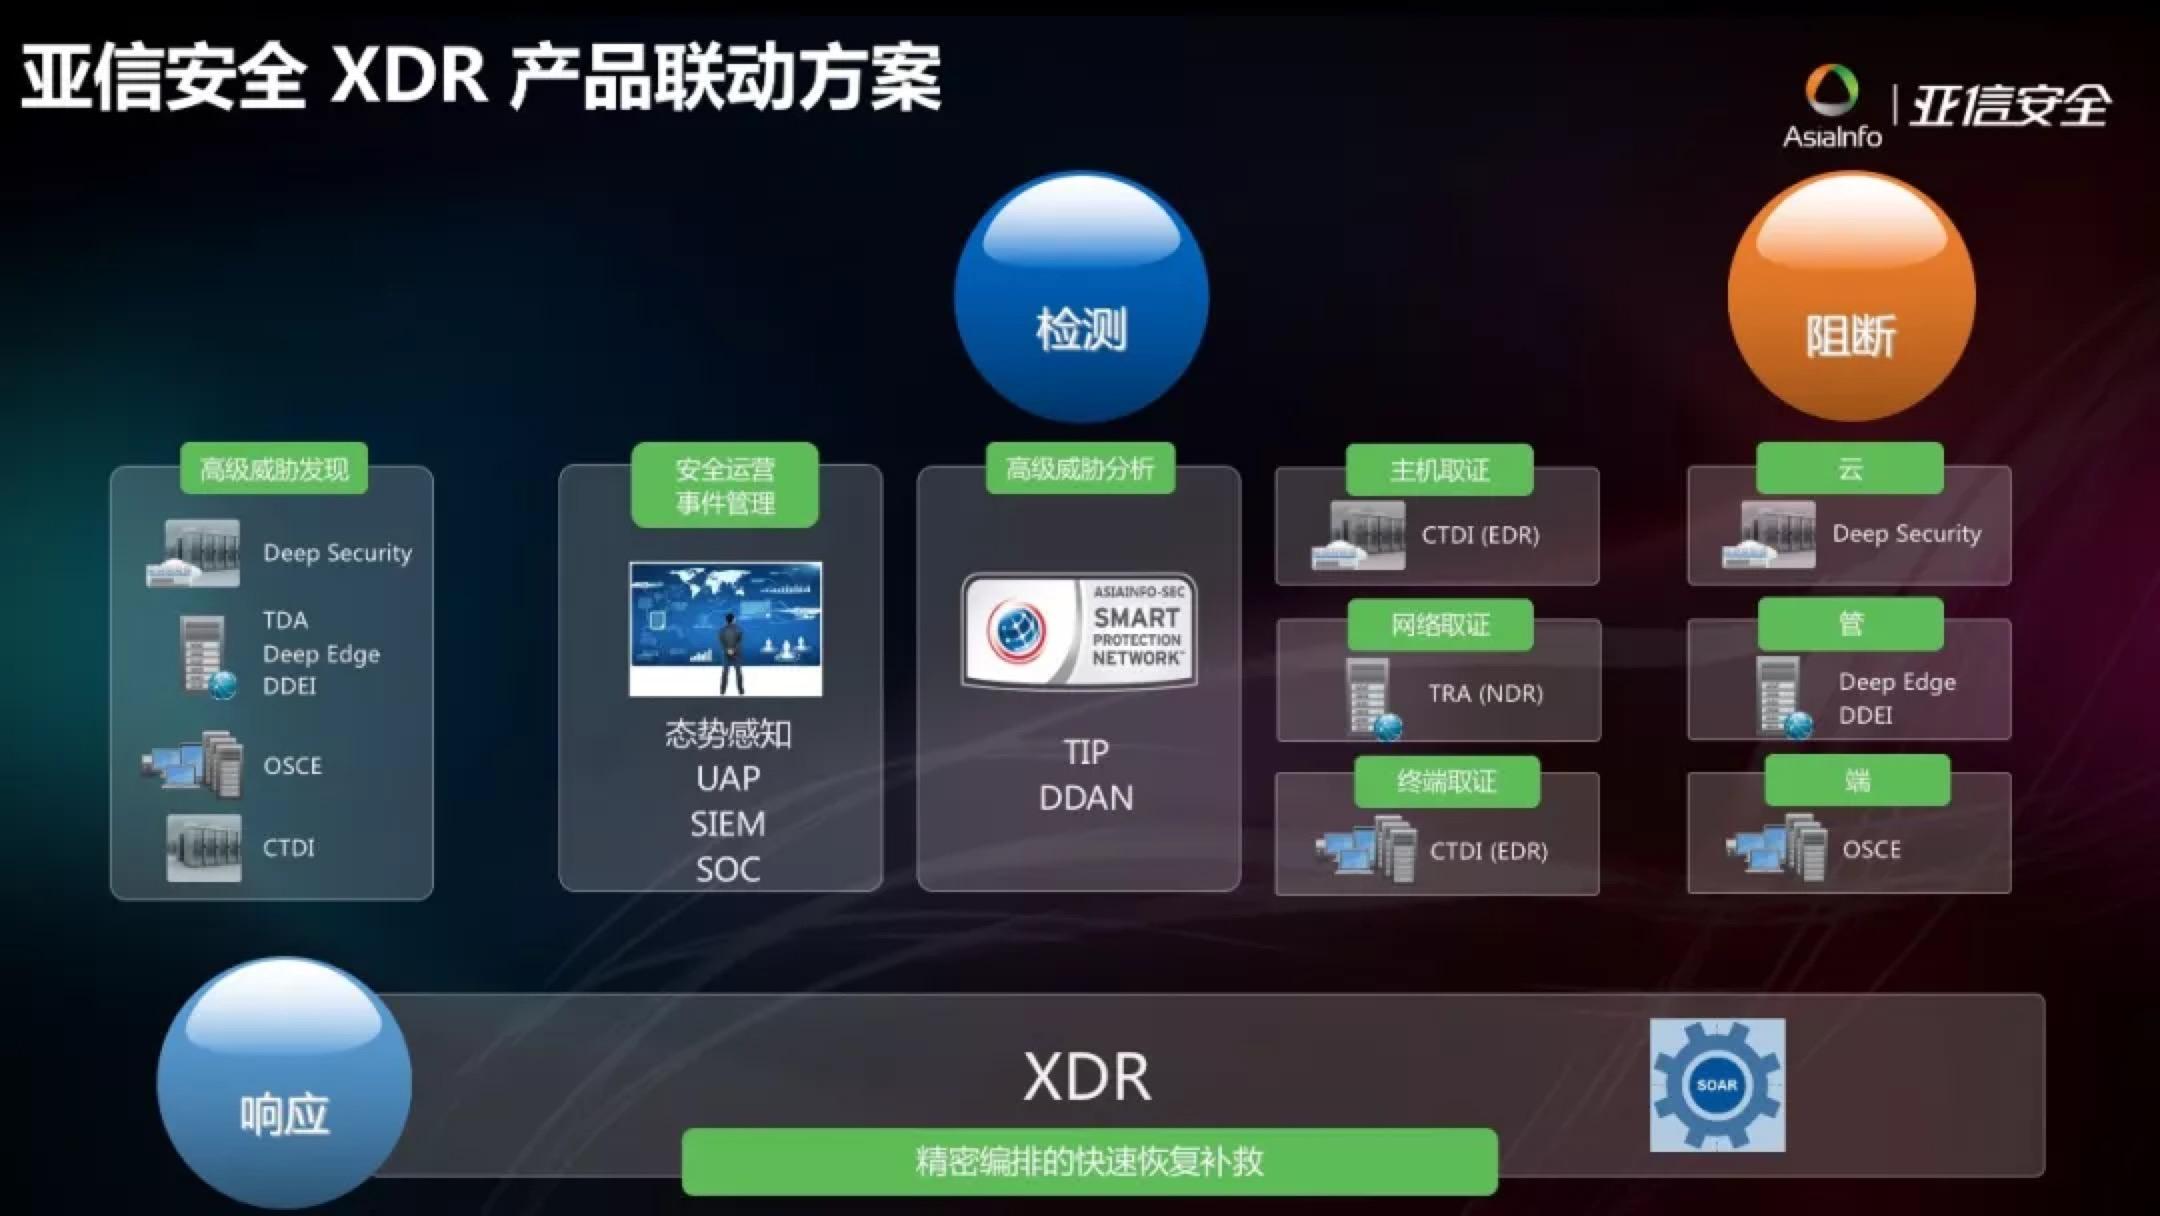 """国网蒙东电力部署亚信安全XDR整体解决方案 实现安全防御""""自动化"""""""